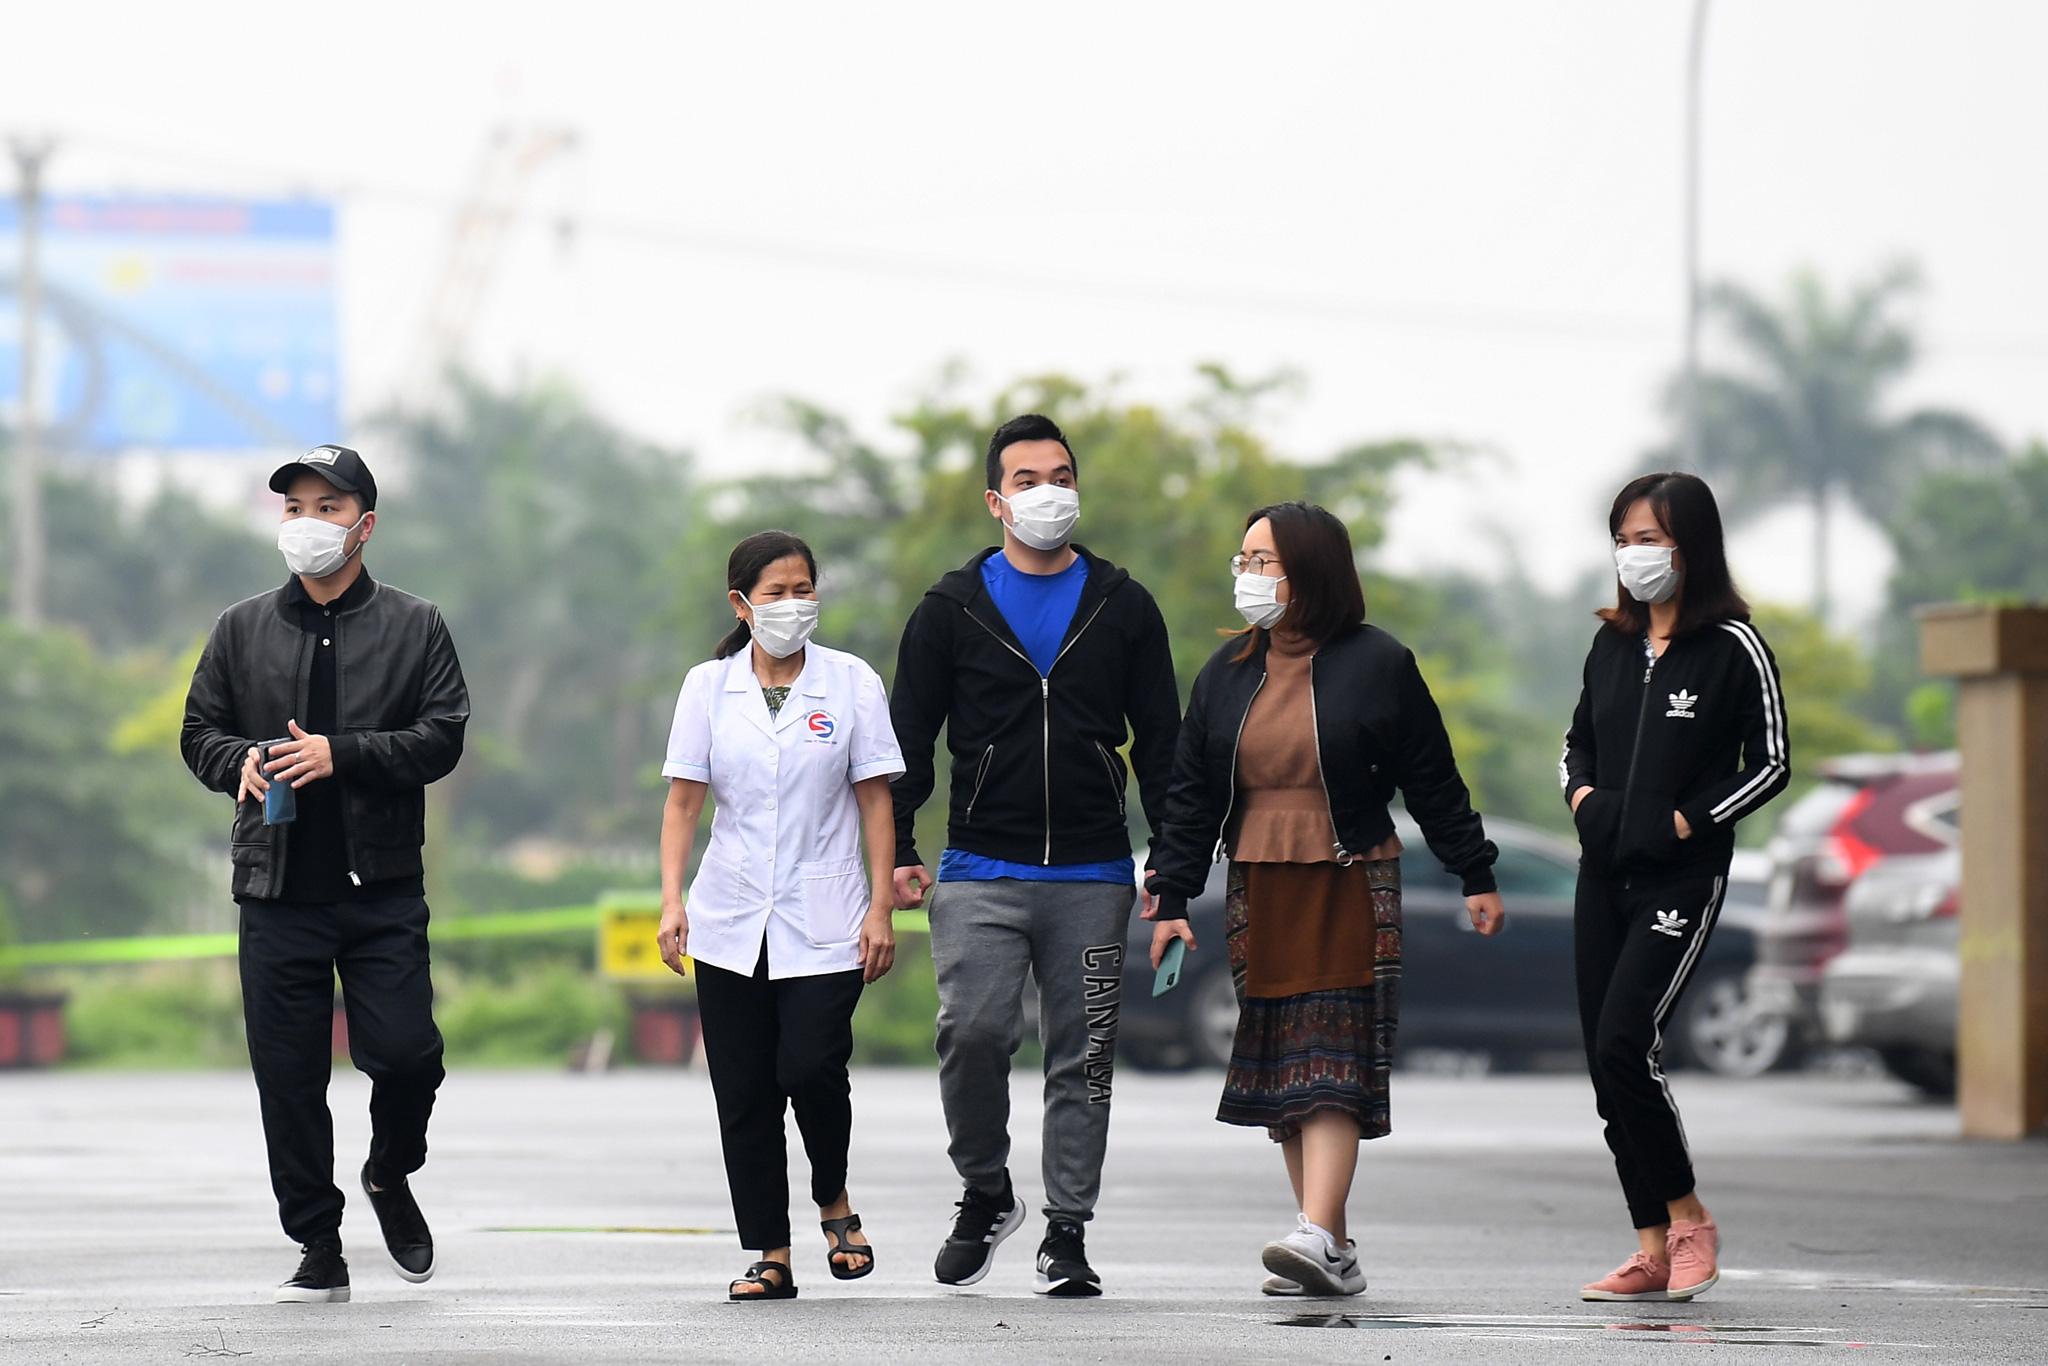 Bệnh nhân người Pháp vỗ tay không ngớt bày tỏ cảm ơn, khen ngợi bác sĩ Việt Nam trong ngày ra viện - Ảnh 4.